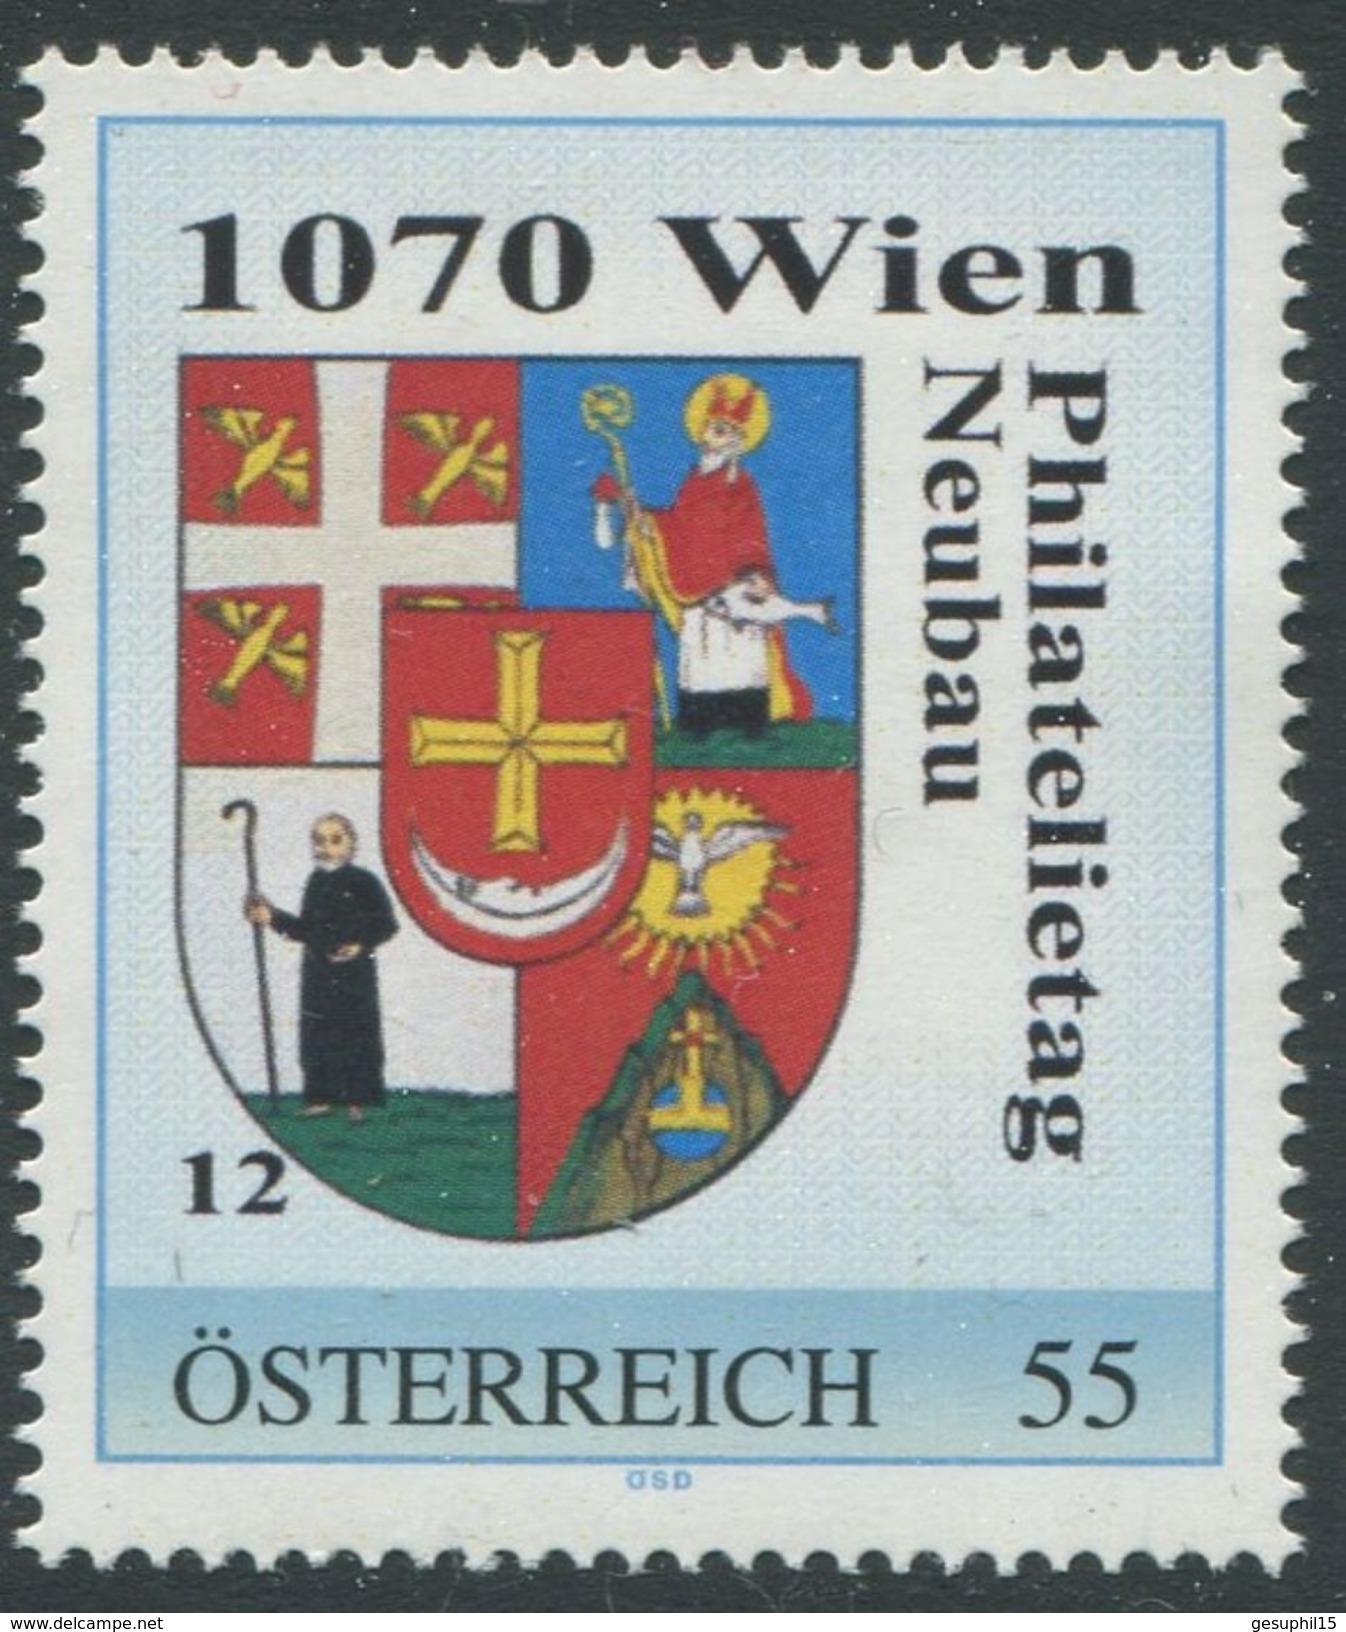 ÖSTERREICH / Philatelietag 1070 Wien / 8024556 / Postfrisch / ** / MNH - Personalisierte Briefmarken